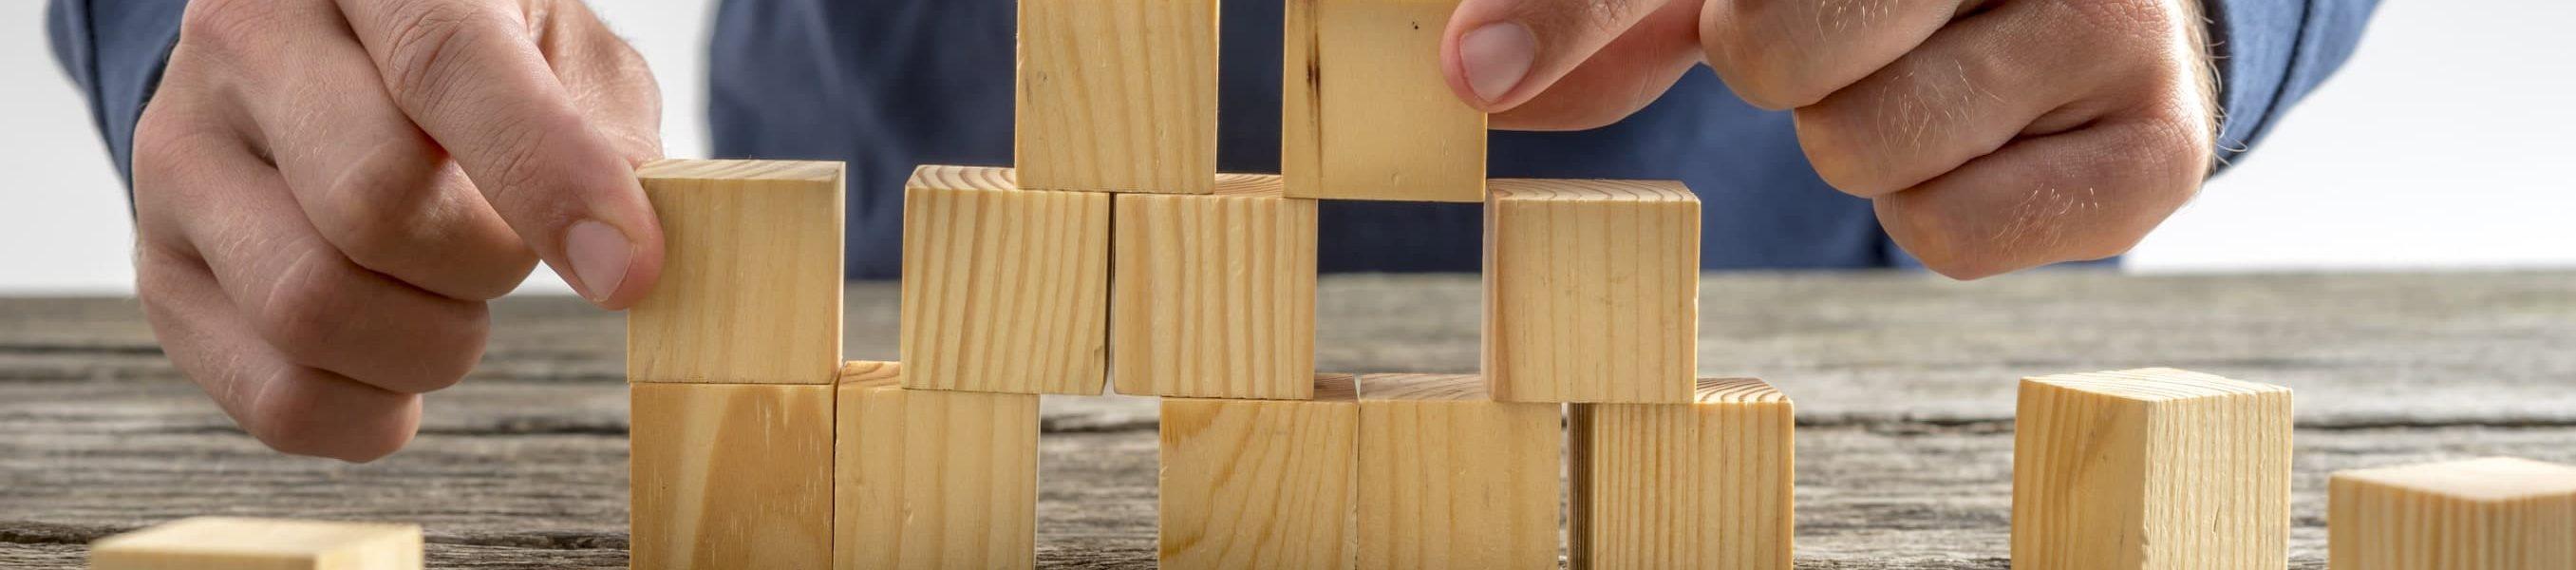 Wooden-cubes.jpg